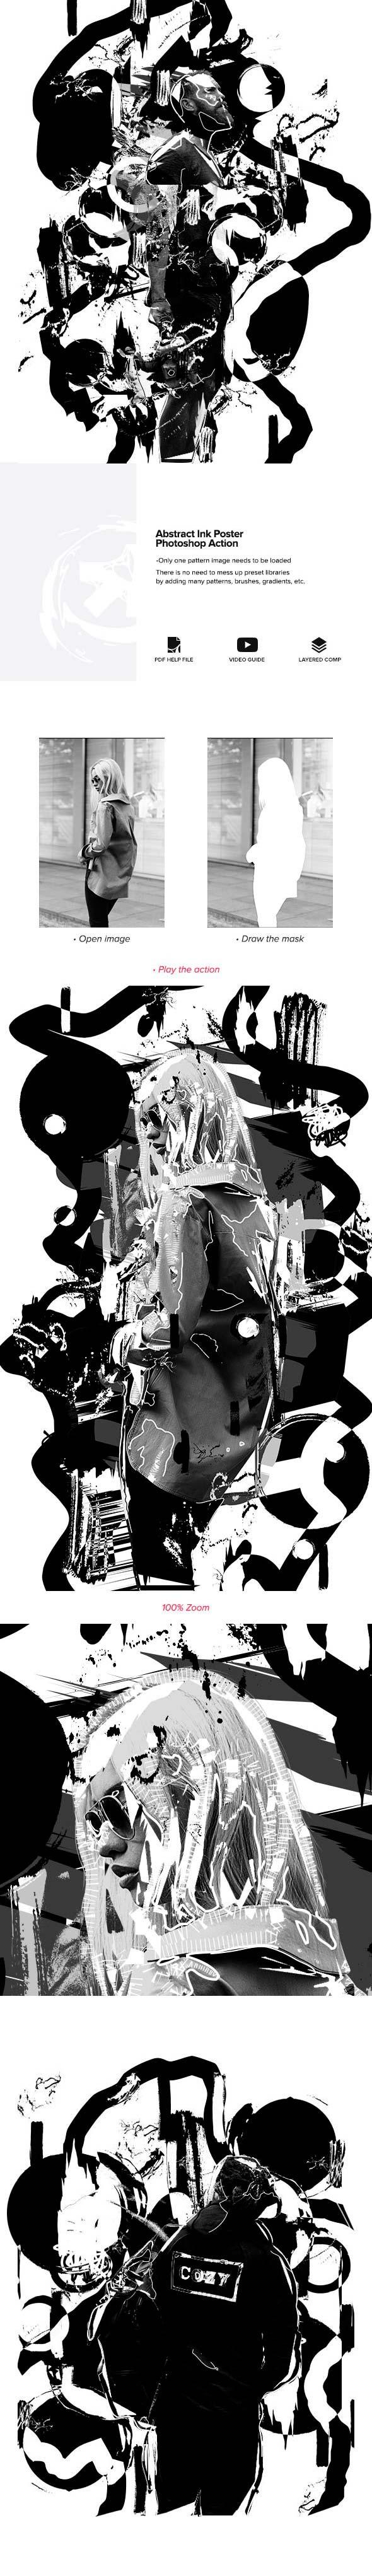 传统黑白水墨画效果PS动作